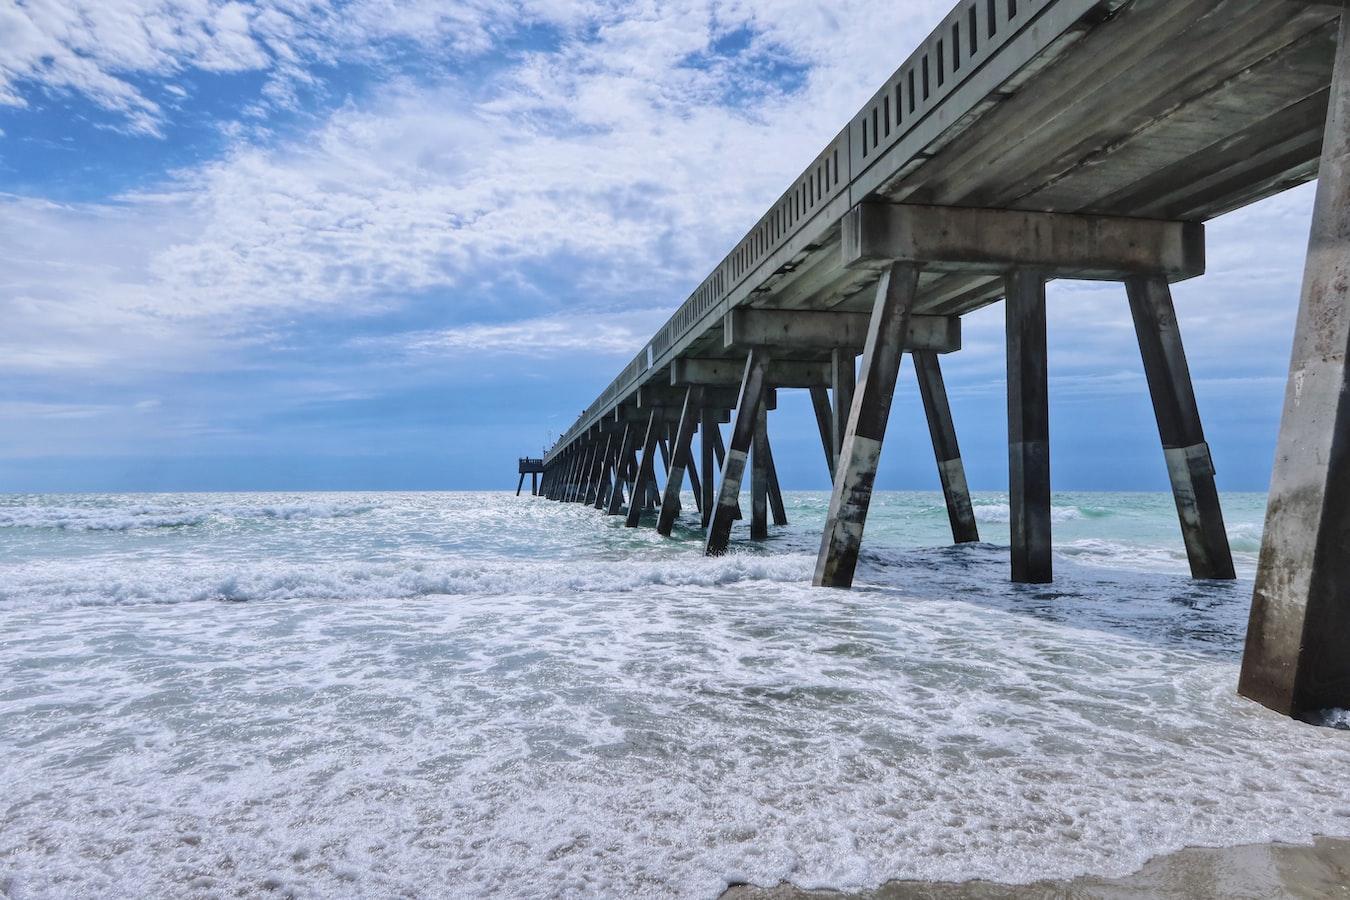 a pier in Wilmington, North Carolina